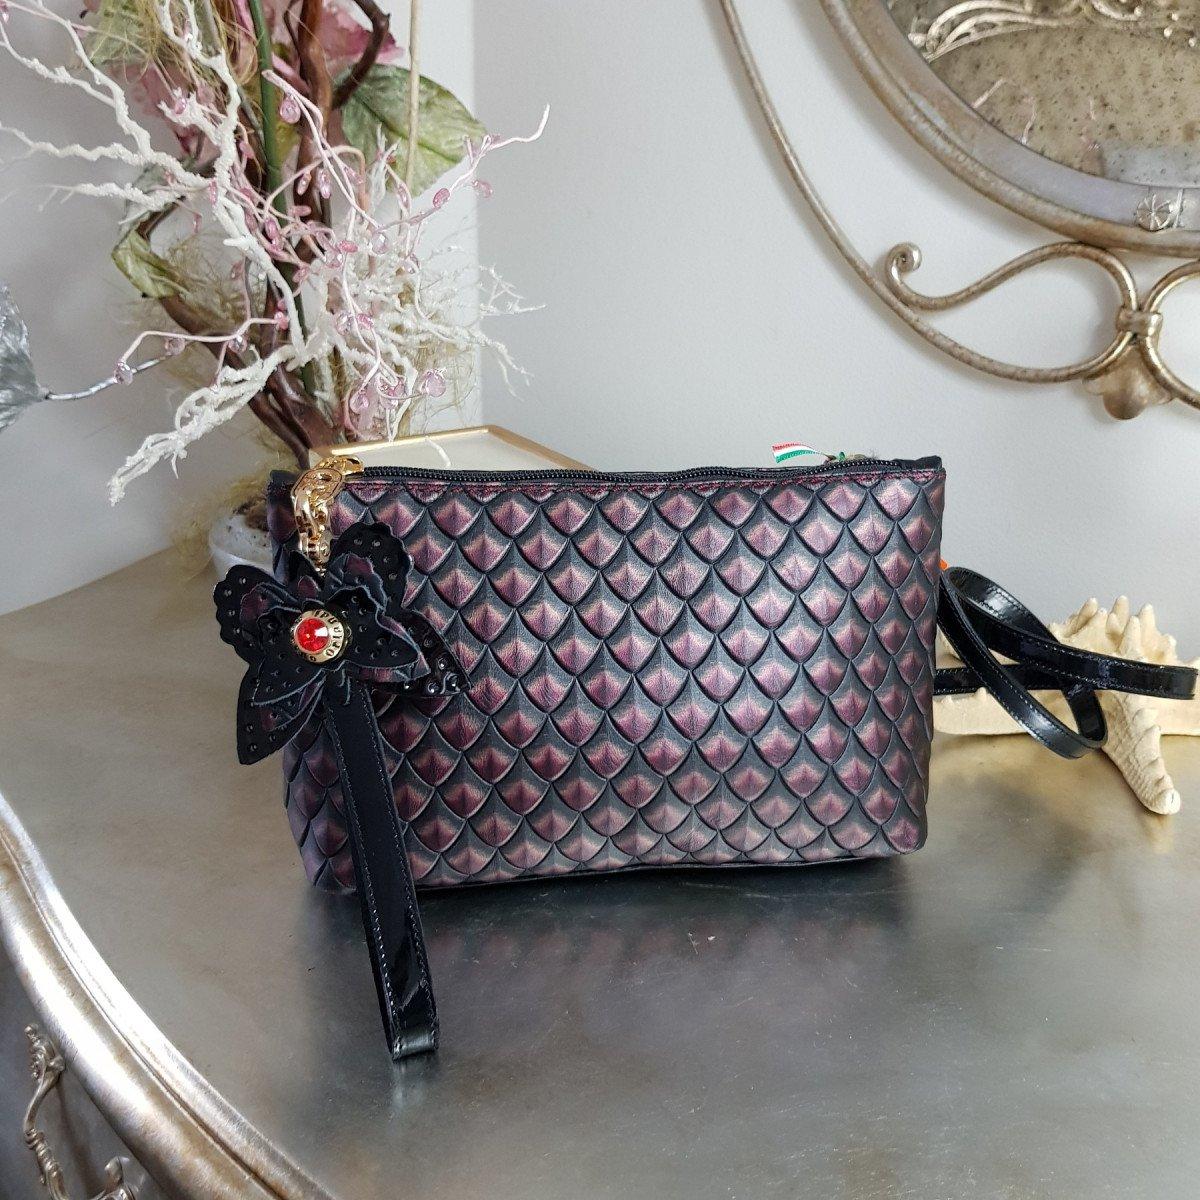 Женская кожаная сумка Marino Orlandi 4573 bordo из натуральной кожи